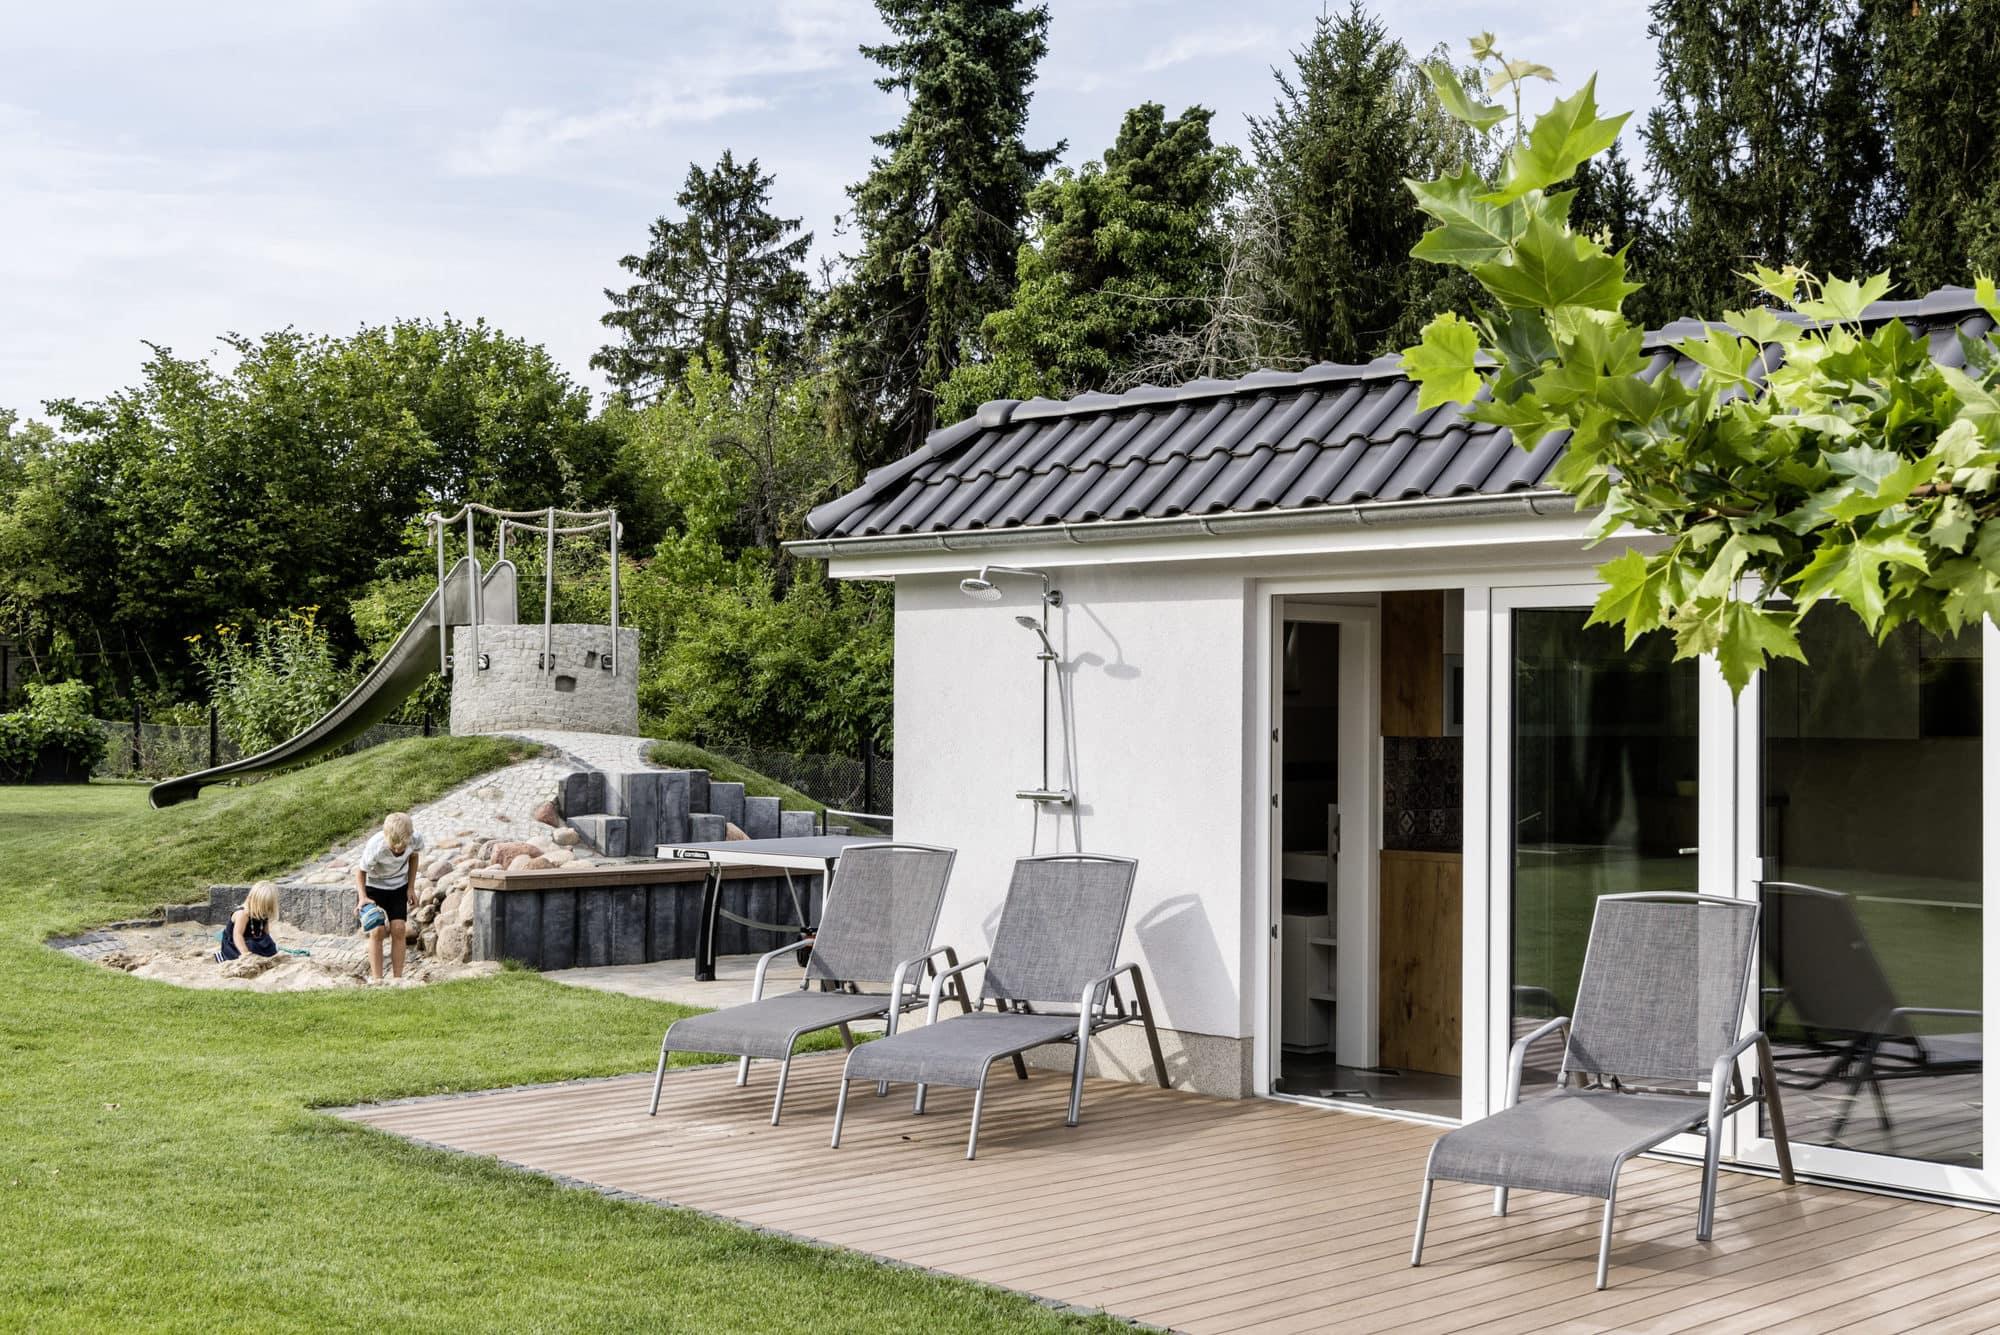 stadtvilla-mit-poolhaus